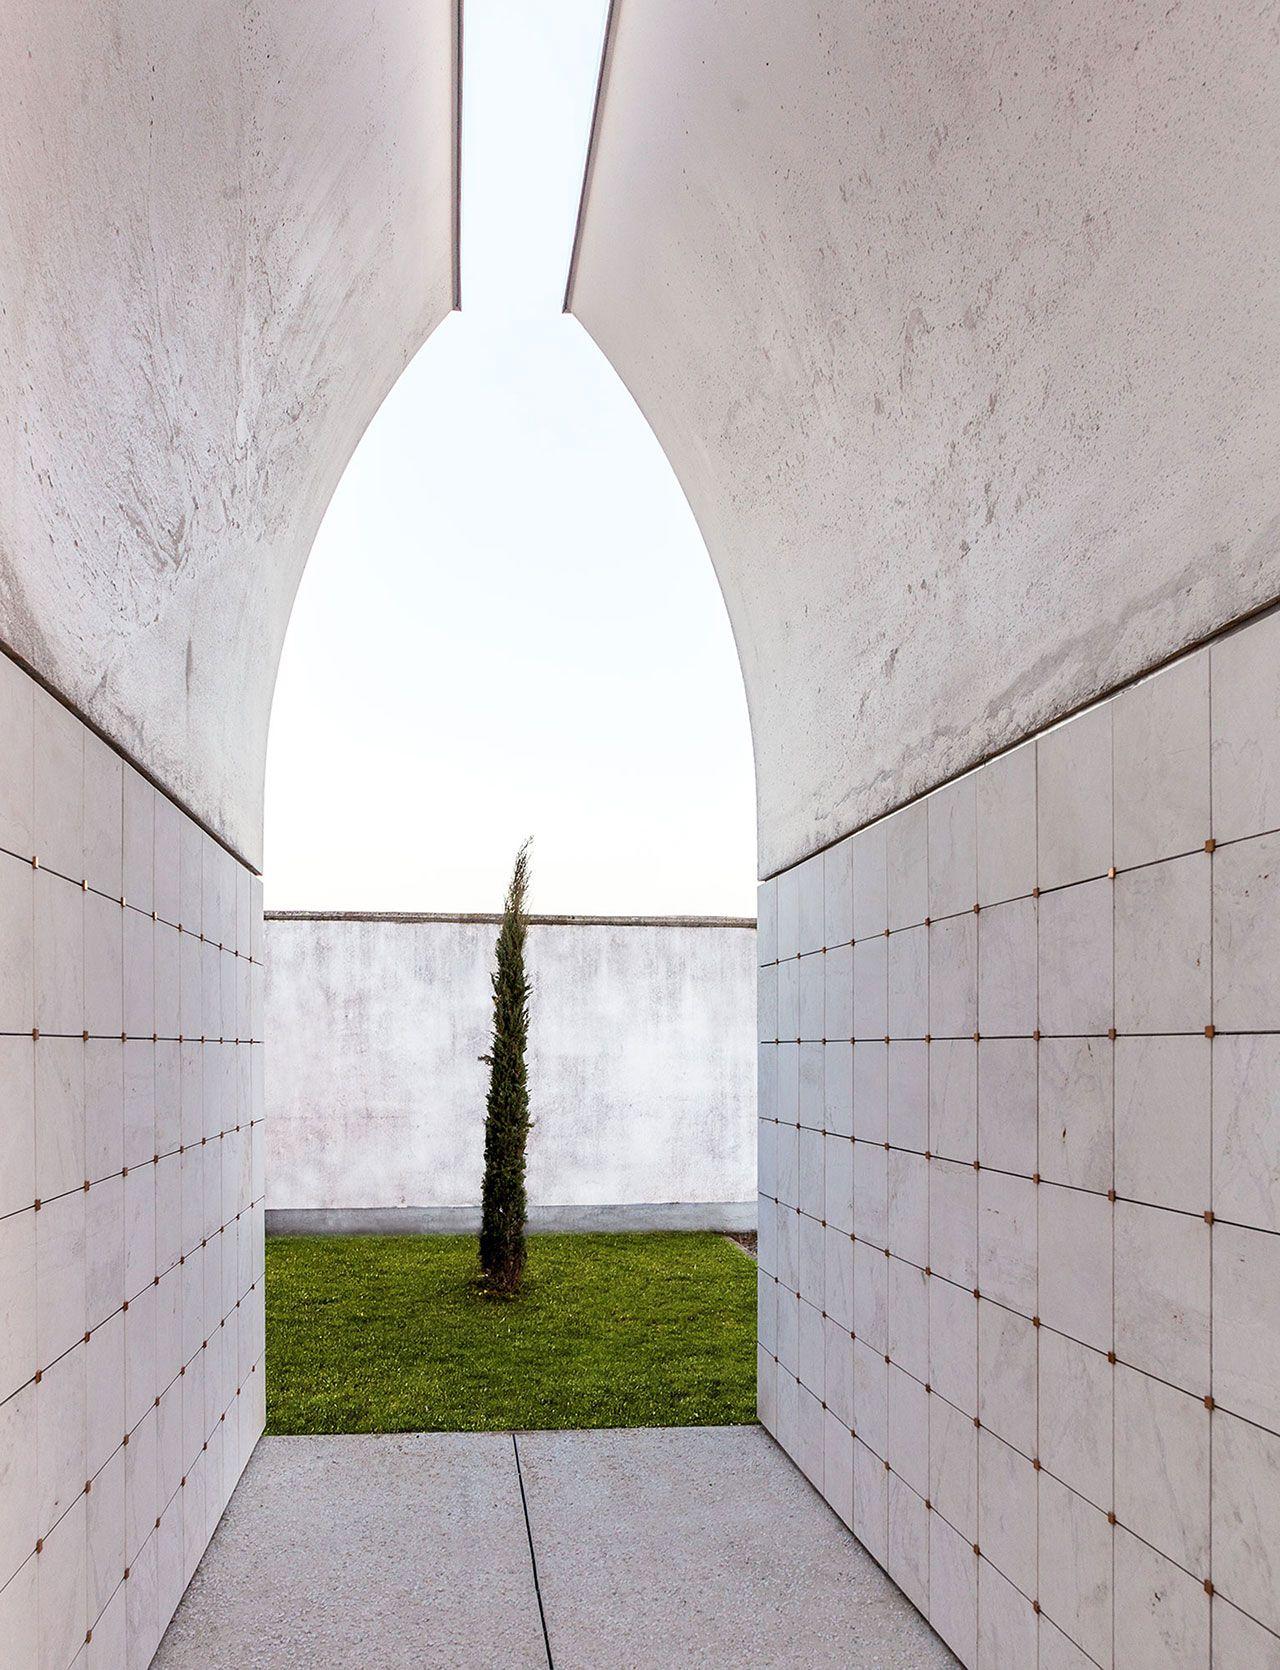 Architetti A Bergamo sombre concrete: dalmine cemetery pavilion by cn10